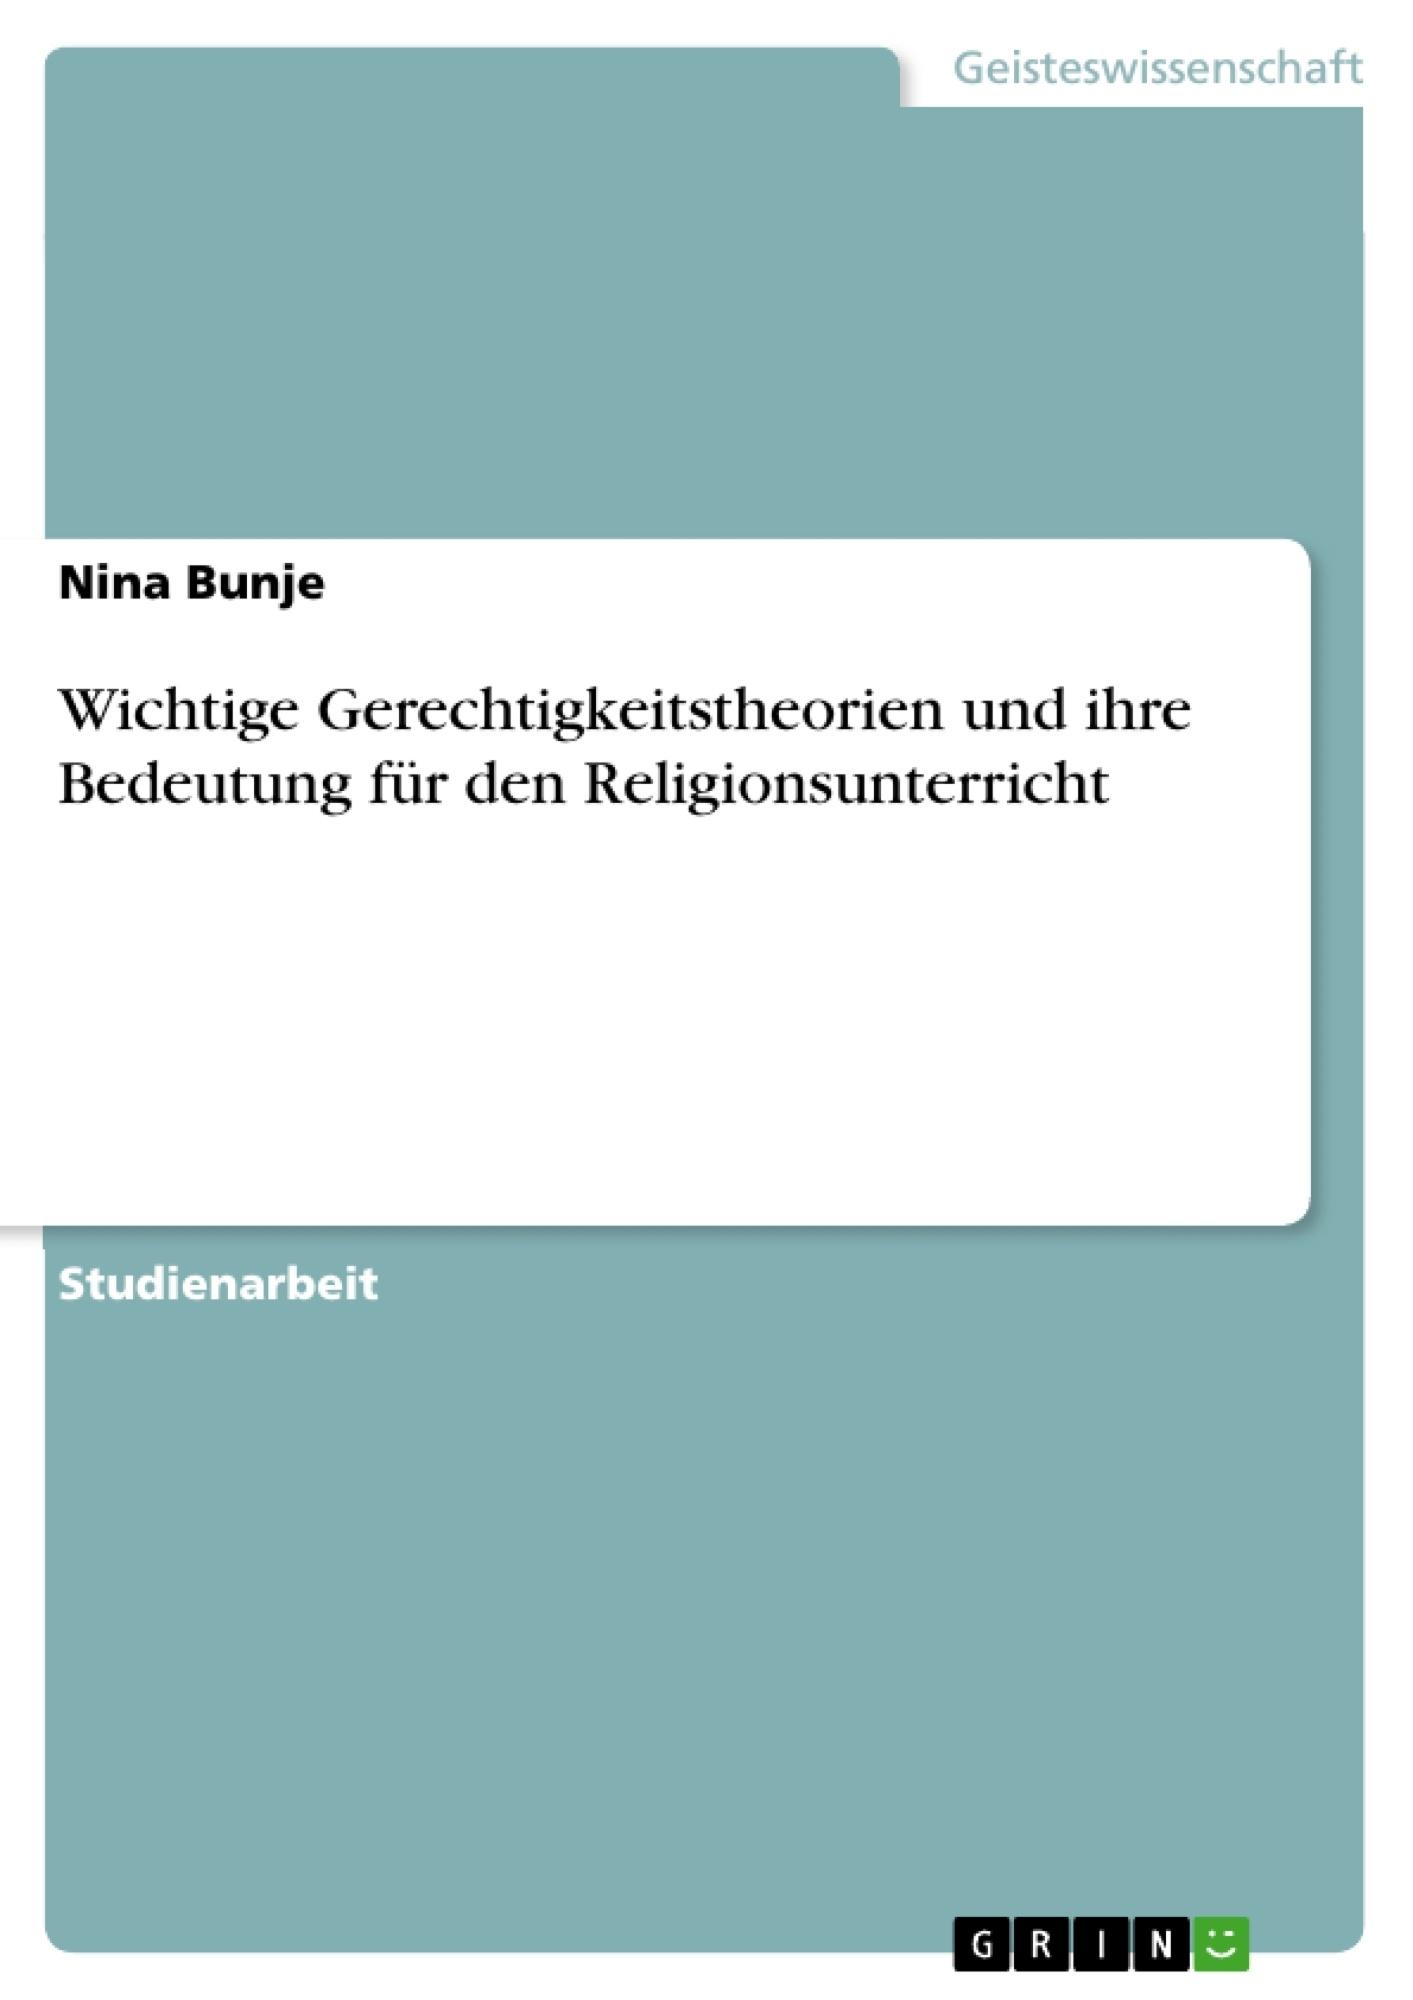 Titel: Wichtige Gerechtigkeitstheorien und ihre Bedeutung für den Religionsunterricht